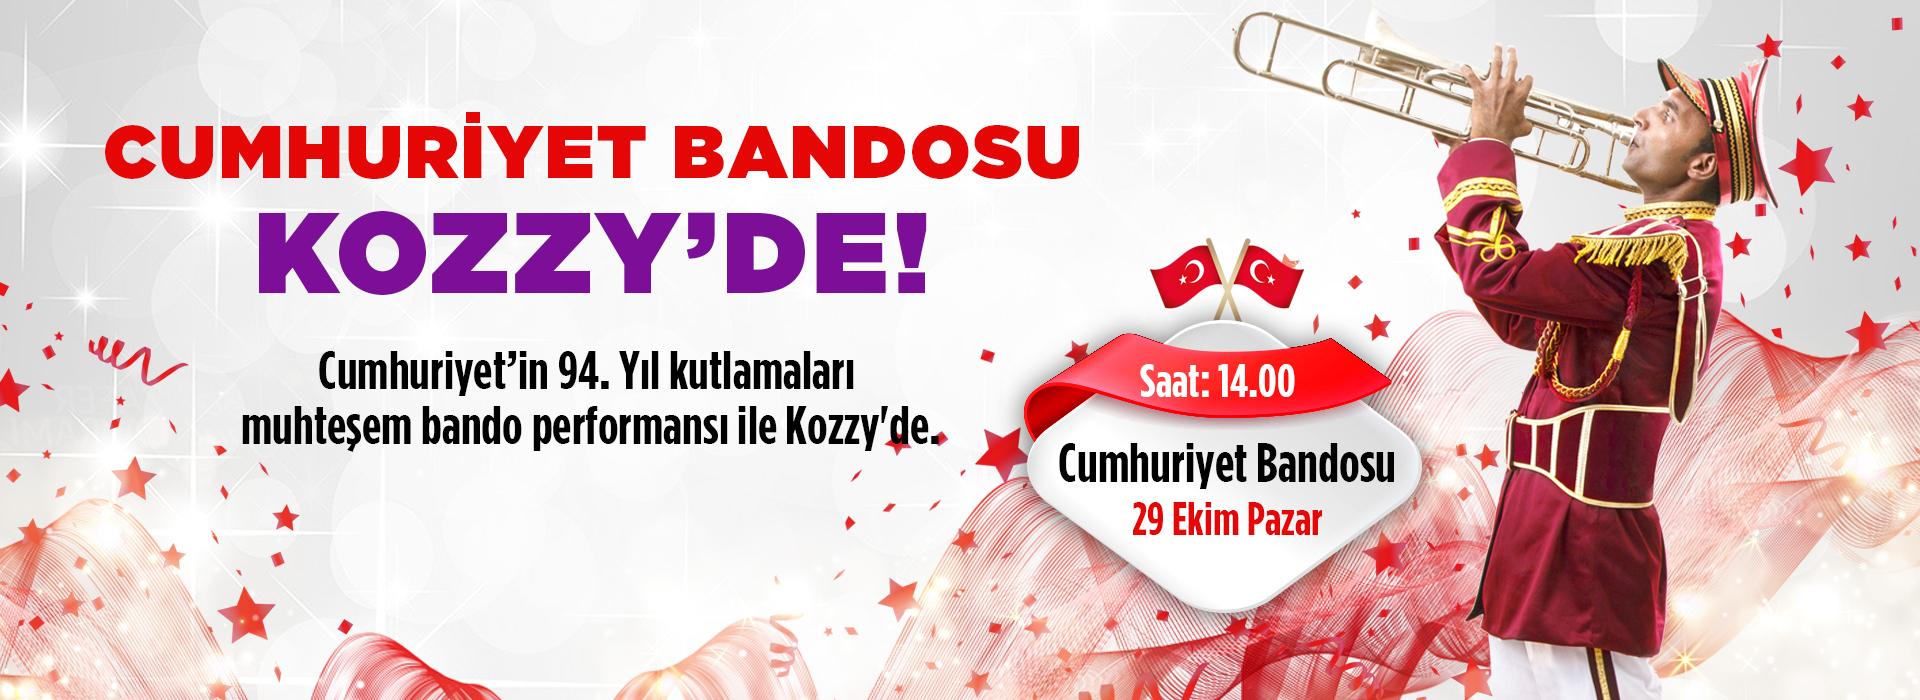 Cumhuriyet Bandosu Kozzy'de